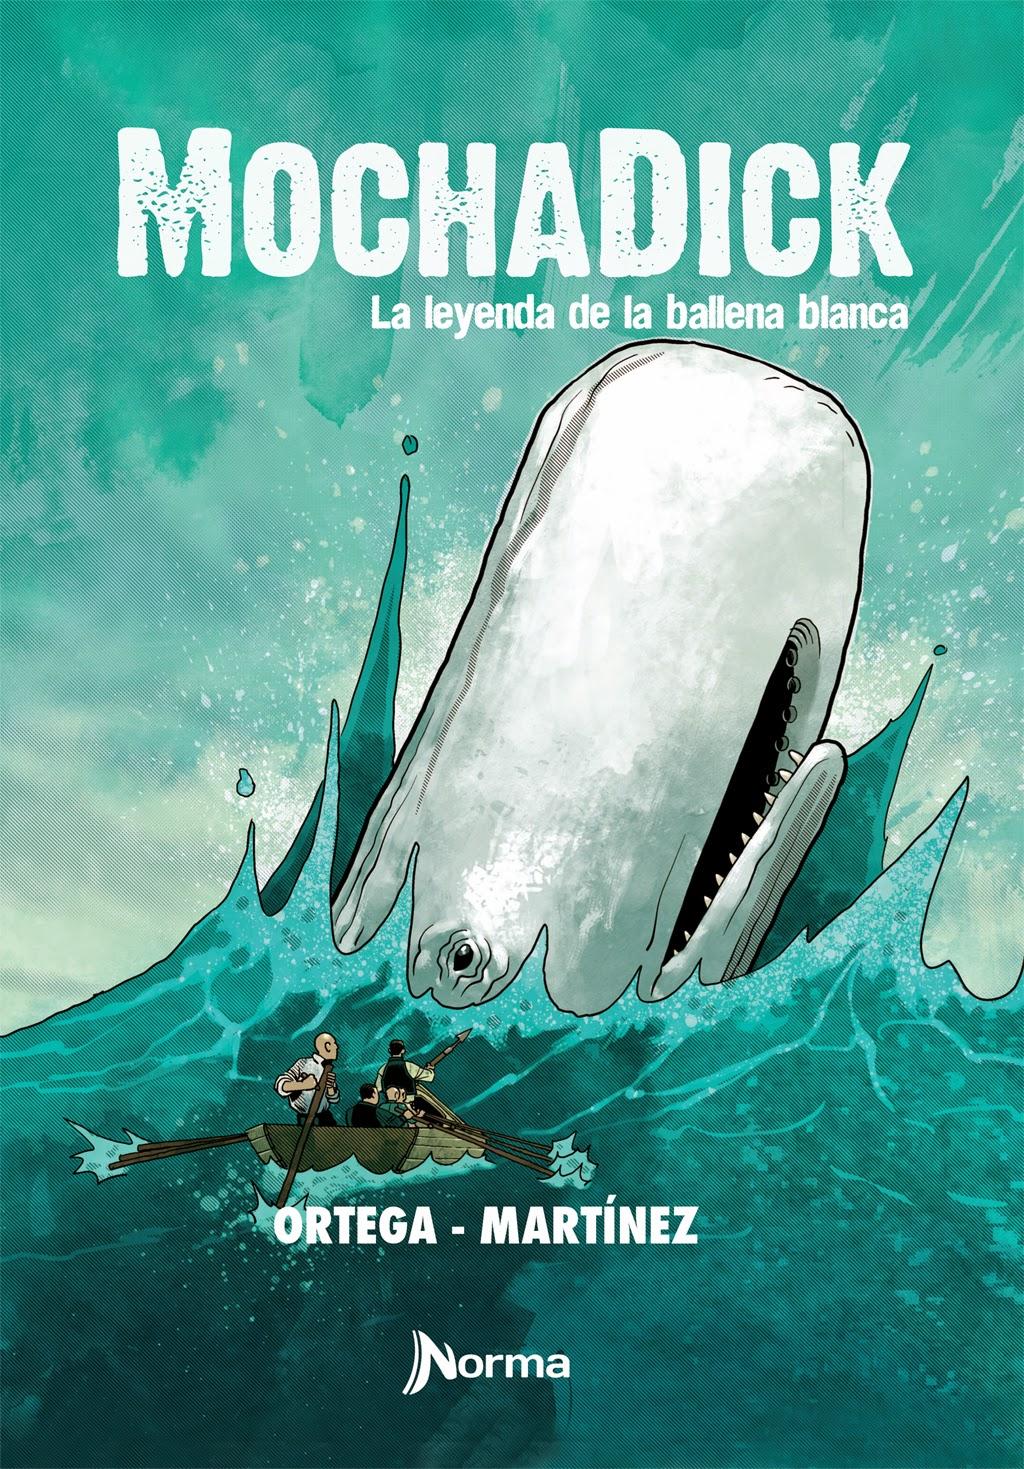 historietas rasantes: Mocha Dick, Francisco Ortega y Gonzalo Martínez